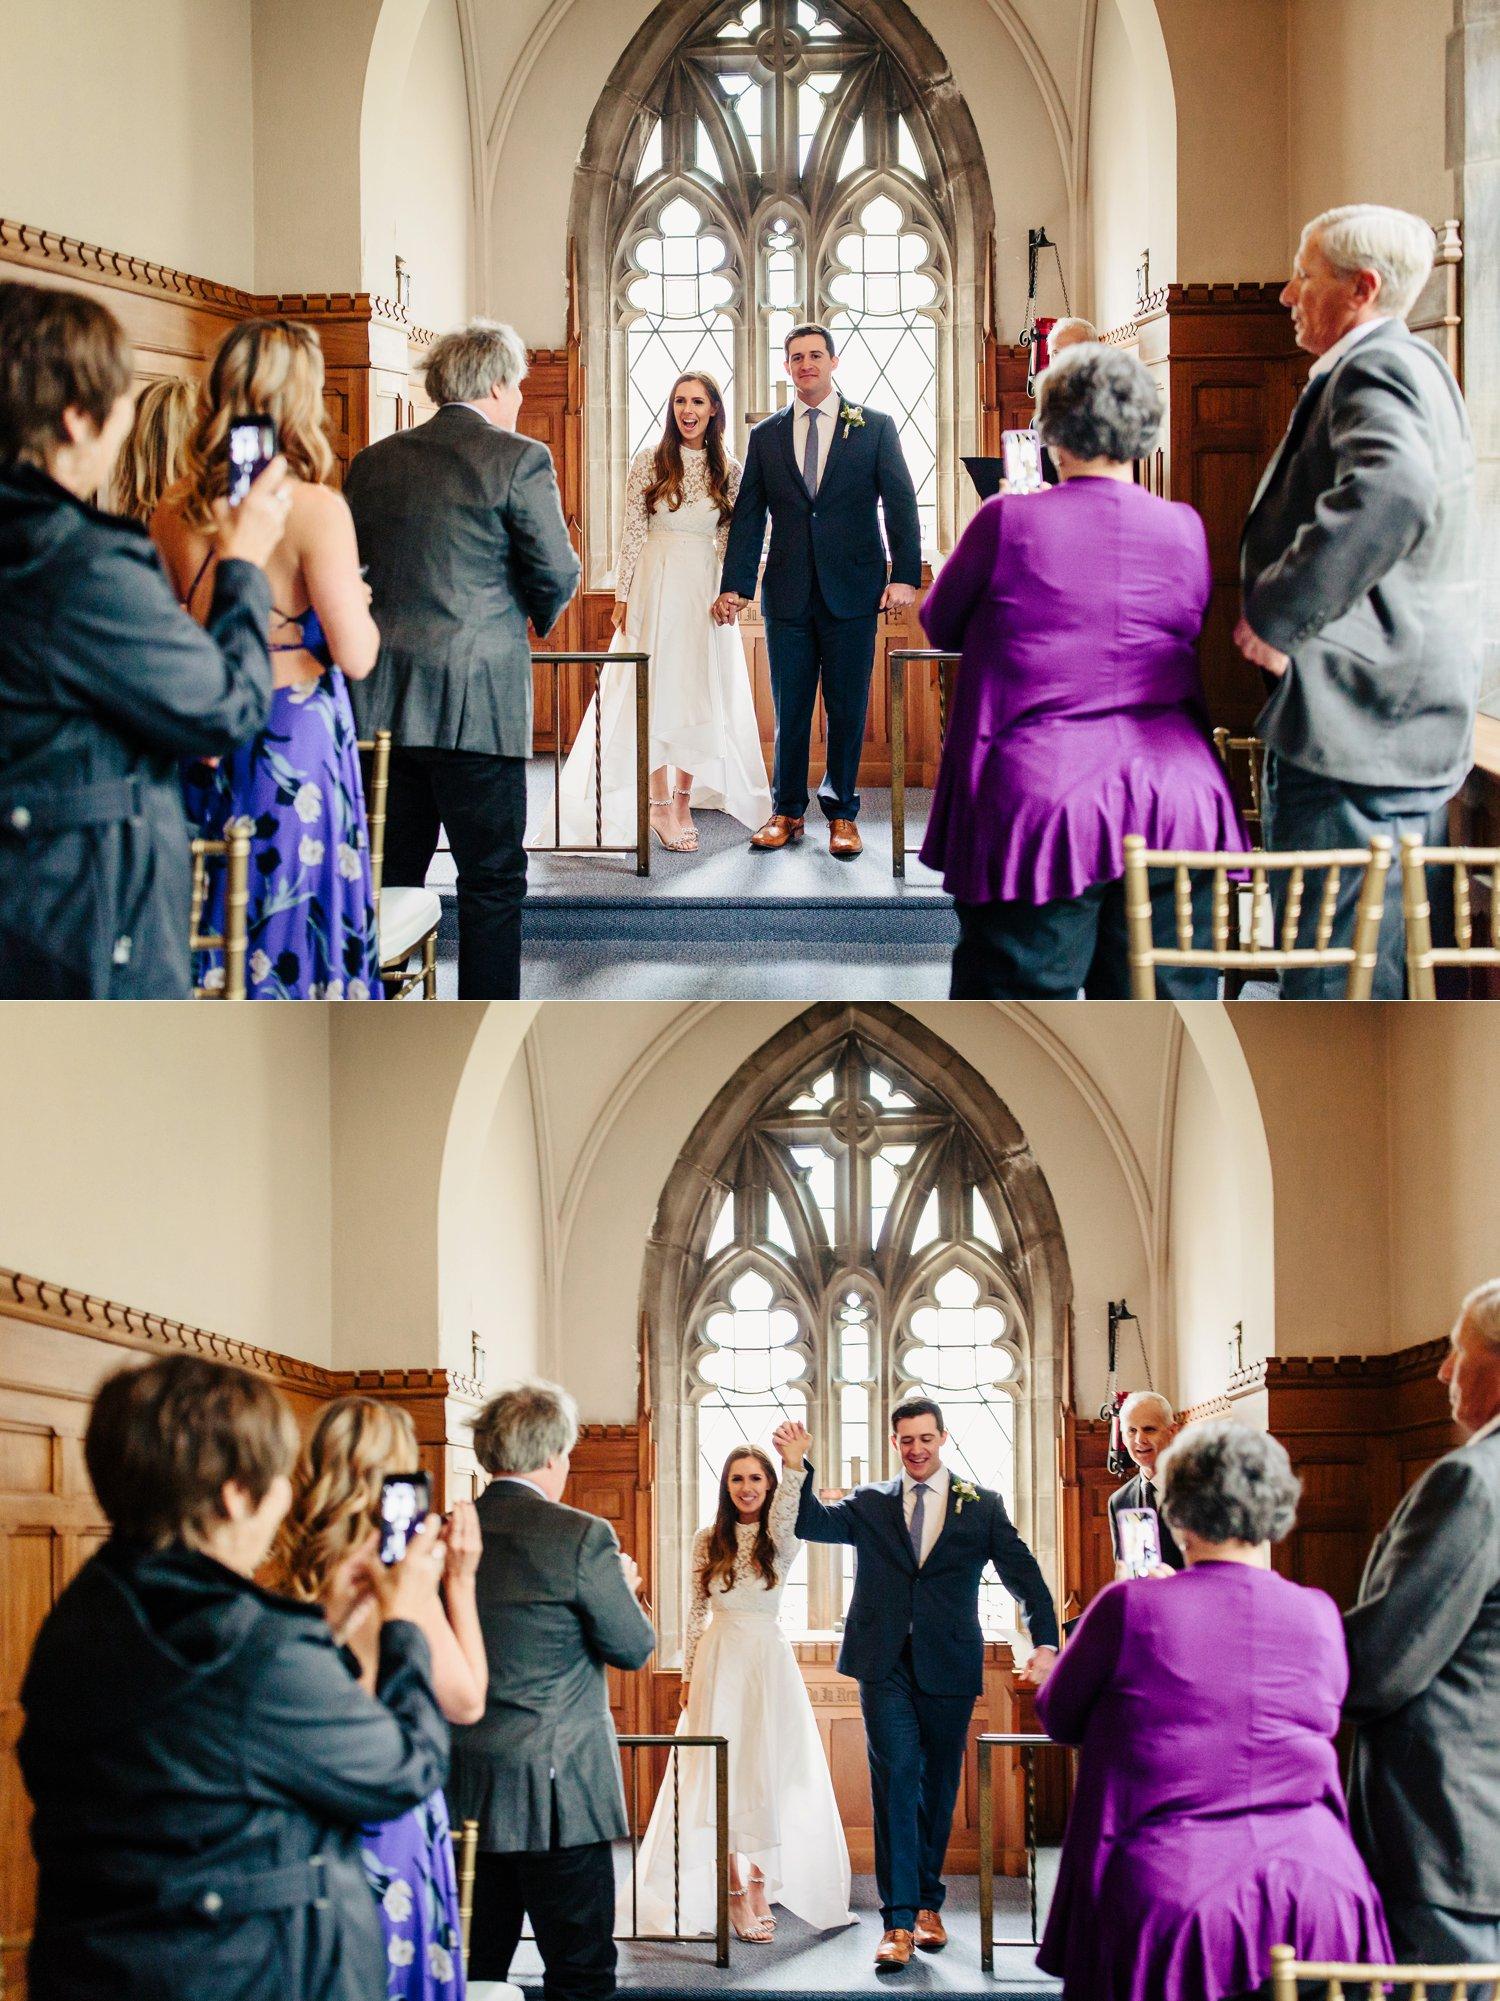 CK-Photo-scarritt-bennett-wedding_0008.jpg